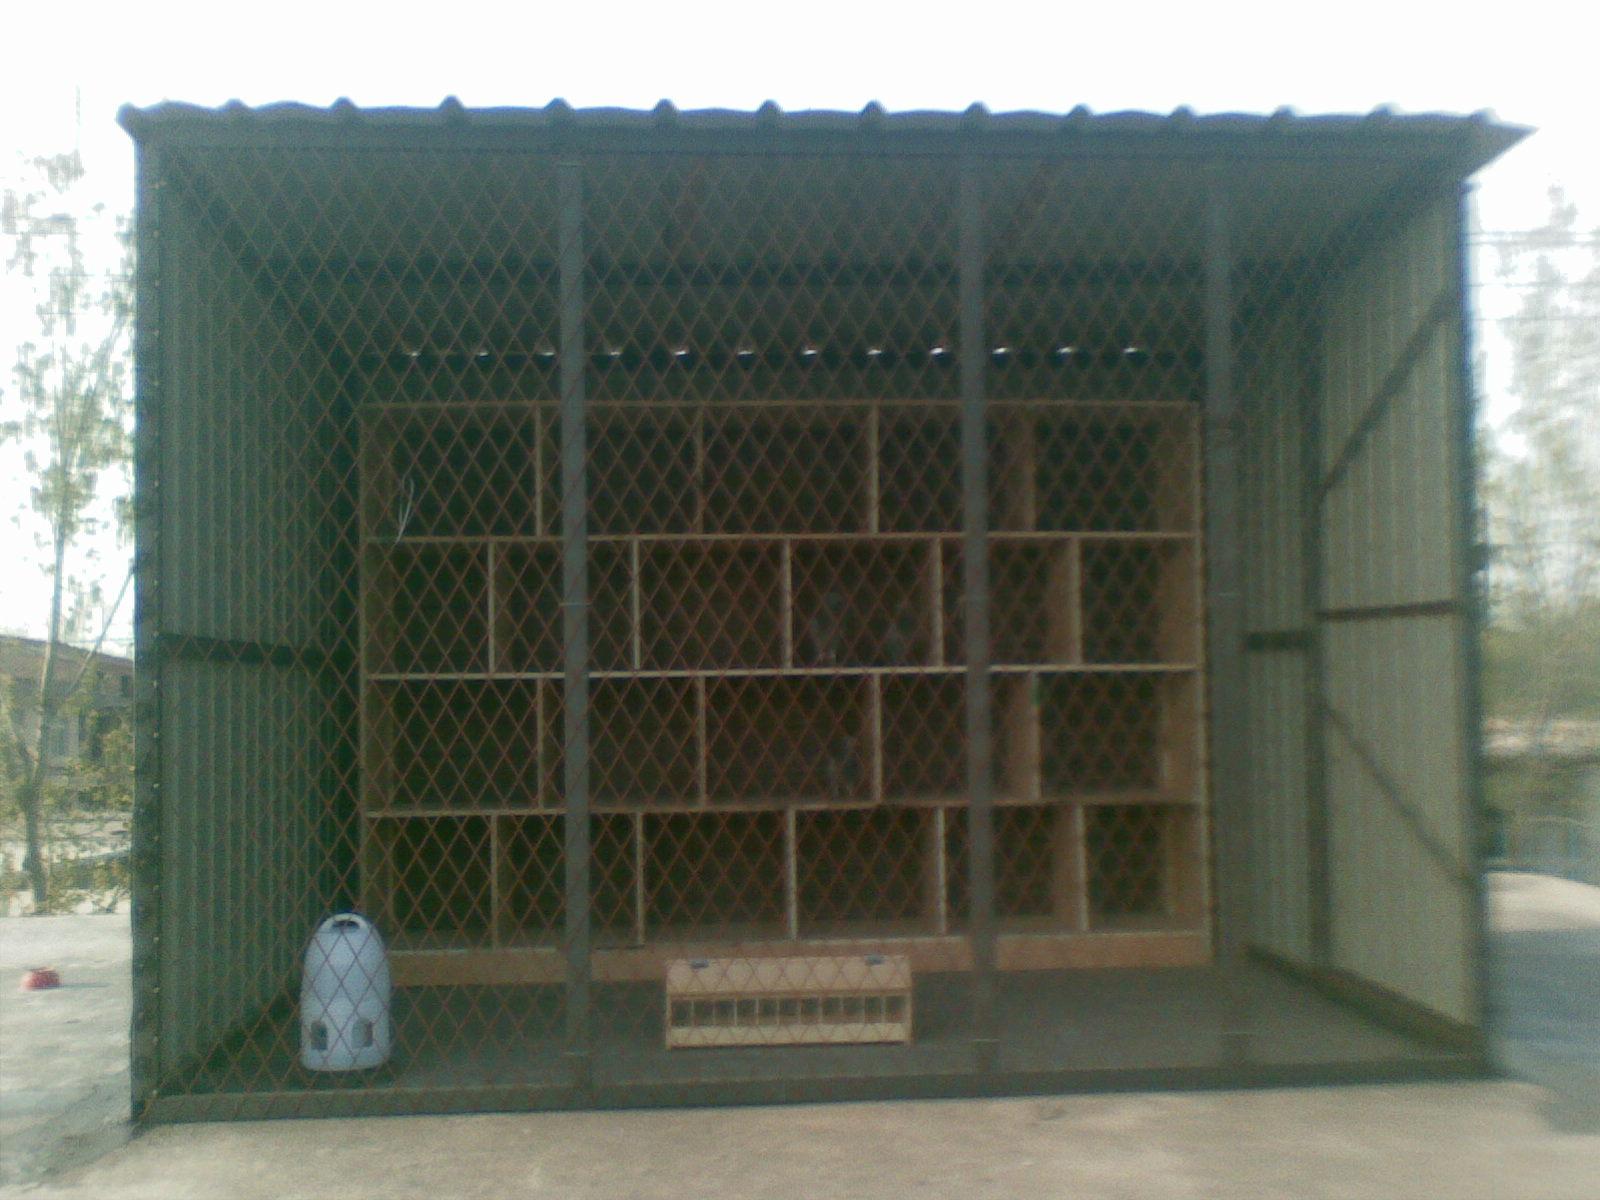 彩钢瓦棚效果图图片大全 专业搭建各种彩钢瓦棚